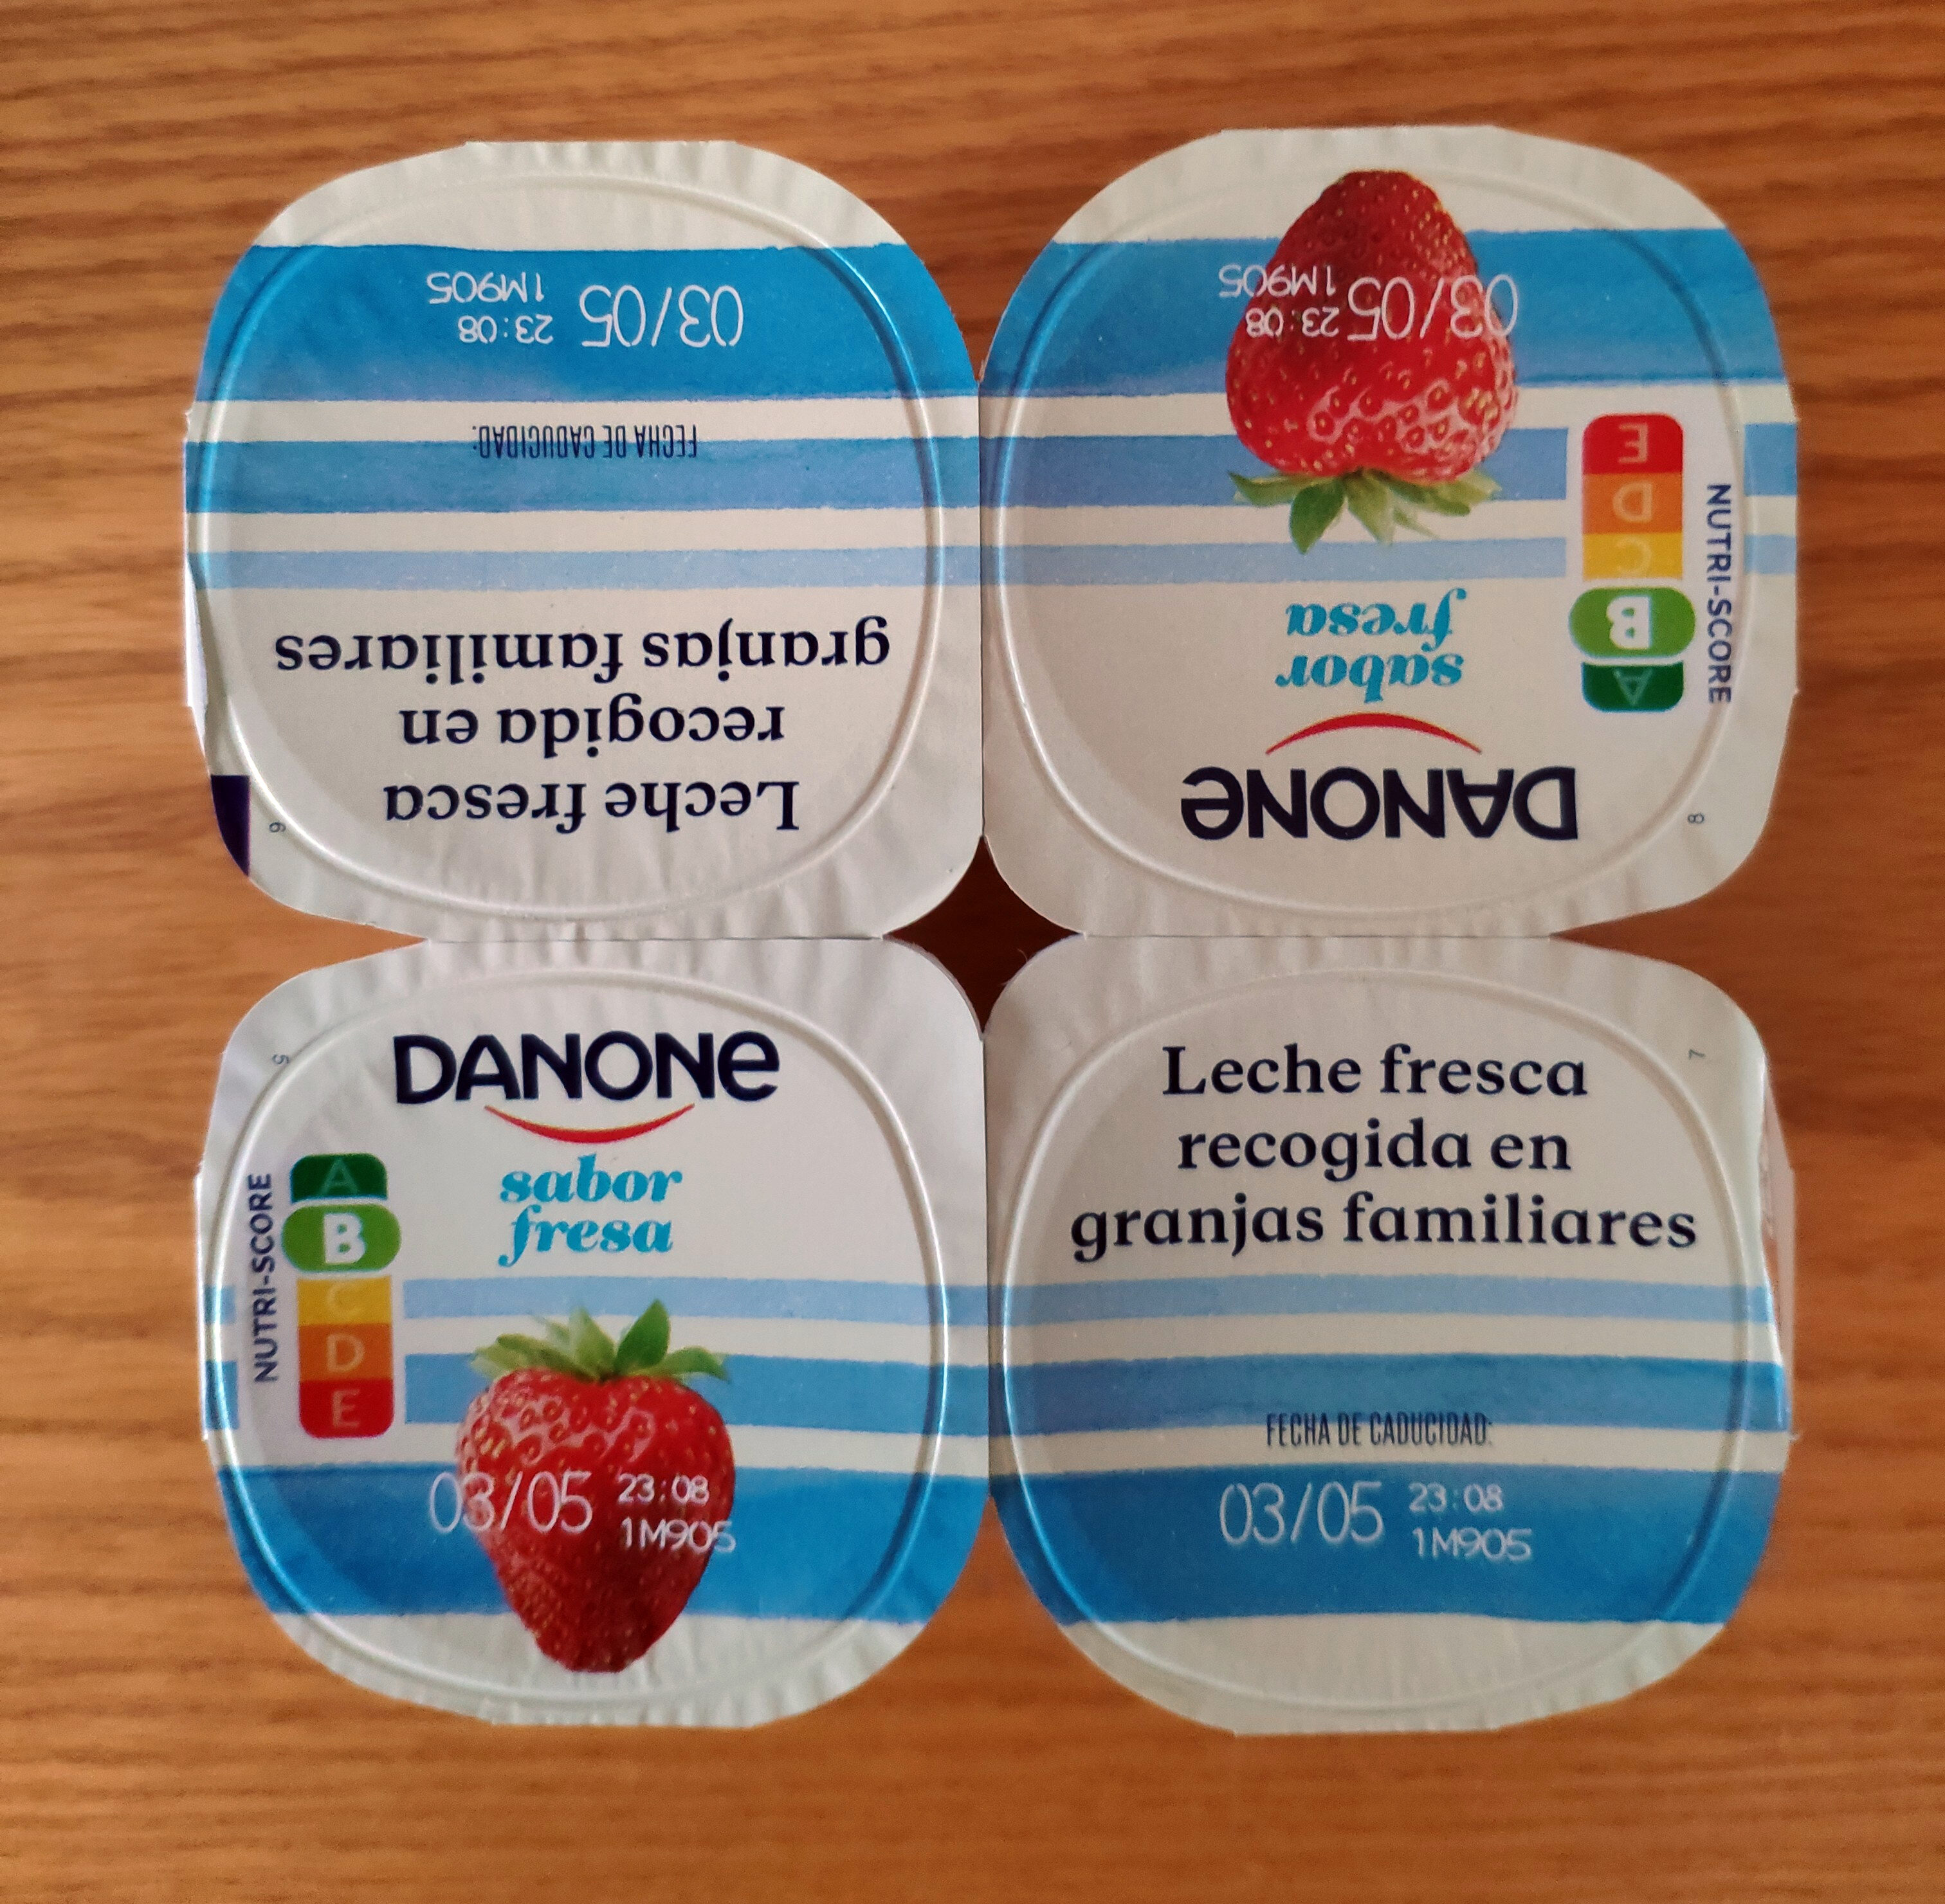 Yogur sabor fresa - Produit - es